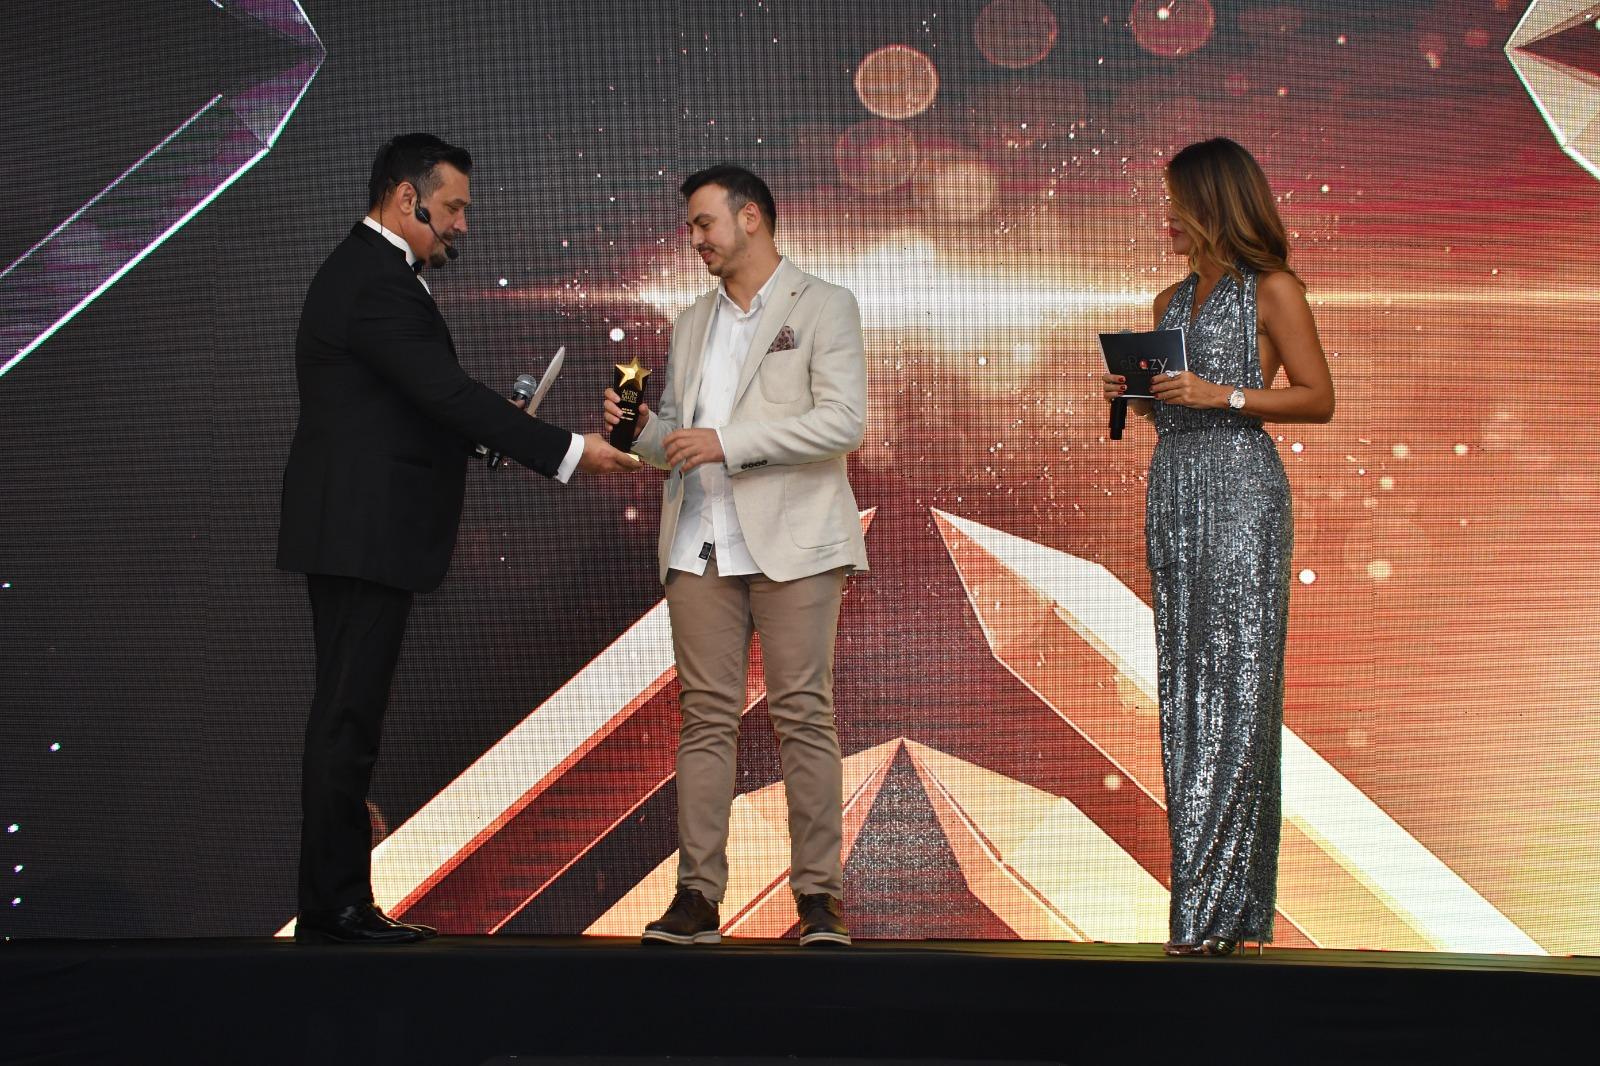 Mirza Parlakyiğit Ödülünü Sunucu Özlem Yıldız'ın elinden aldı!